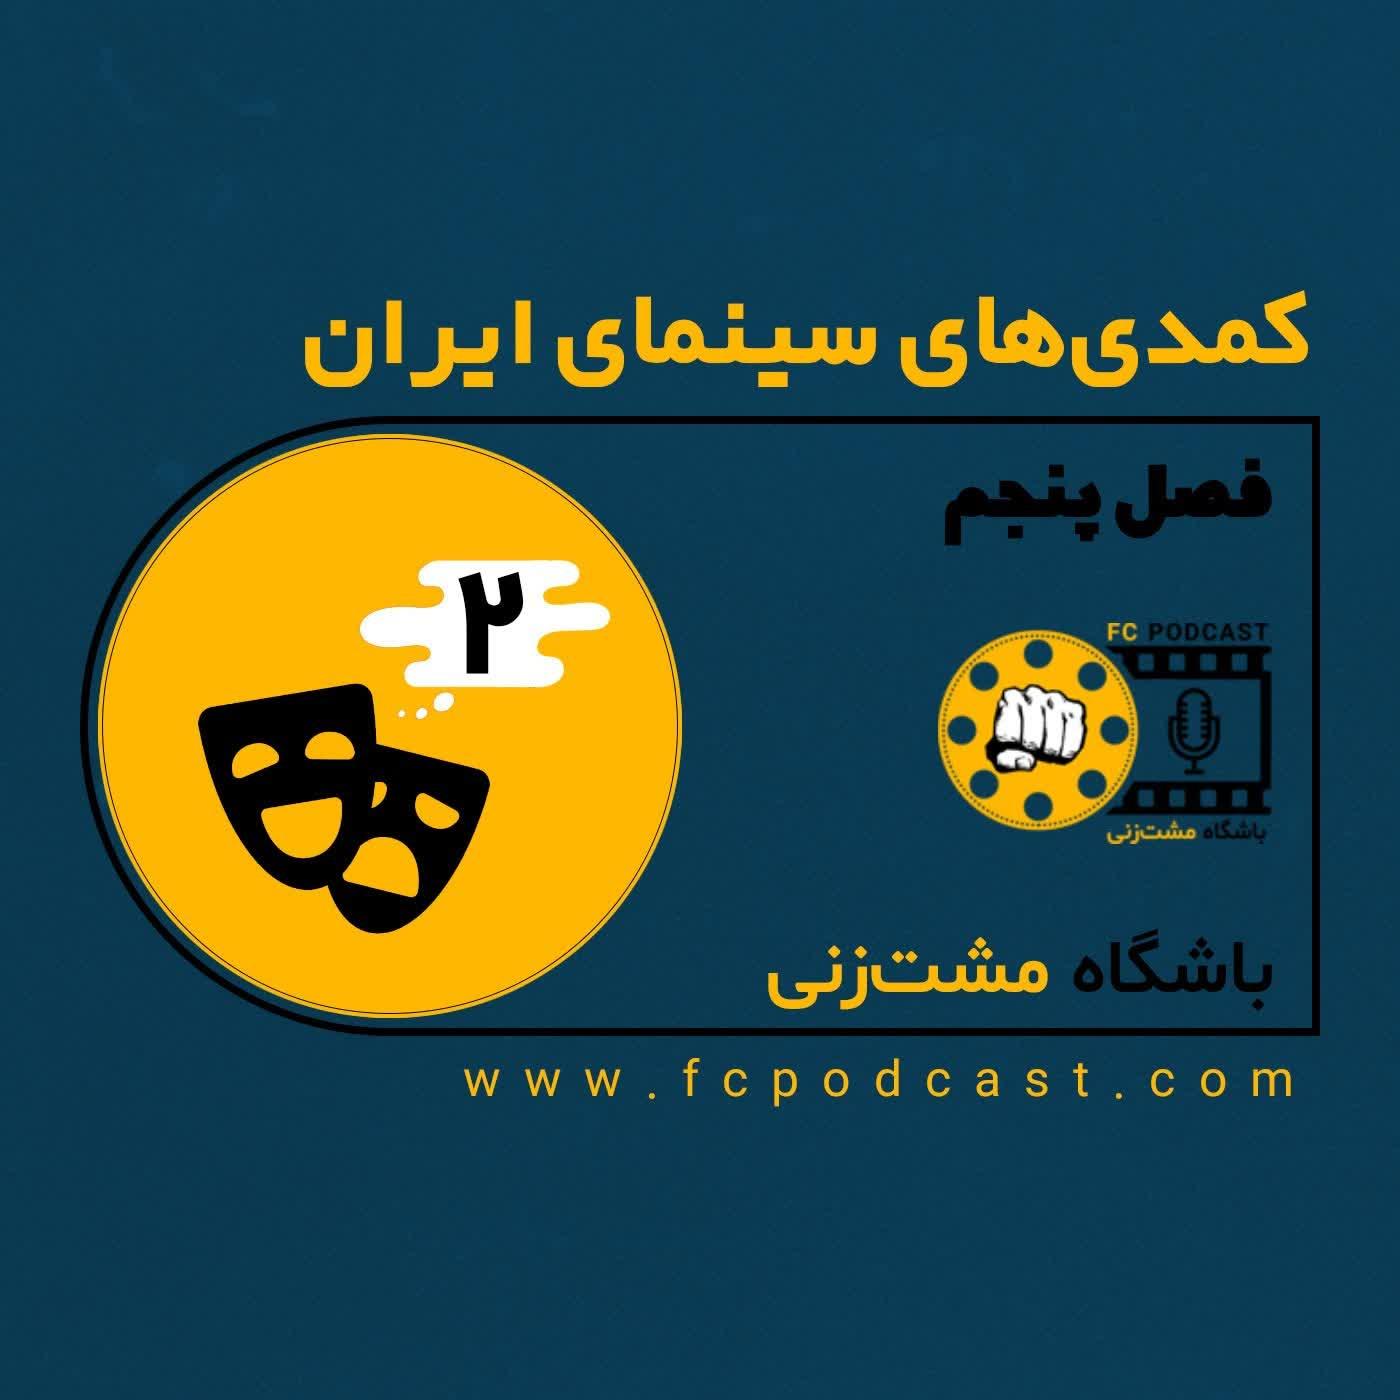 فصل پنجم (کمدی های سینمای ایران) - اپیزود دوم